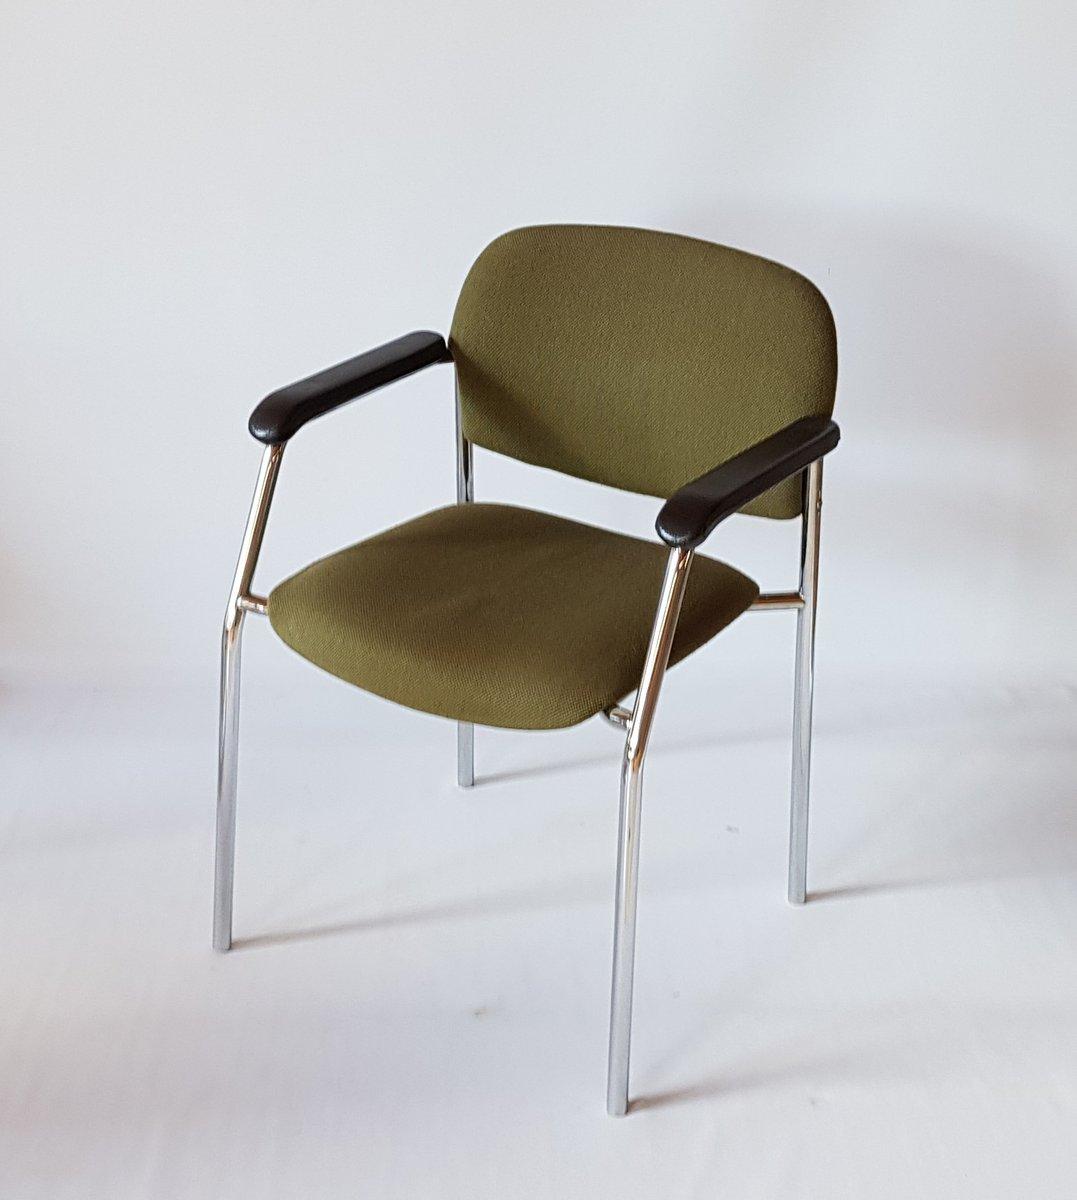 gr ner stuhl von drabert 1970er bei pamono kaufen. Black Bedroom Furniture Sets. Home Design Ideas